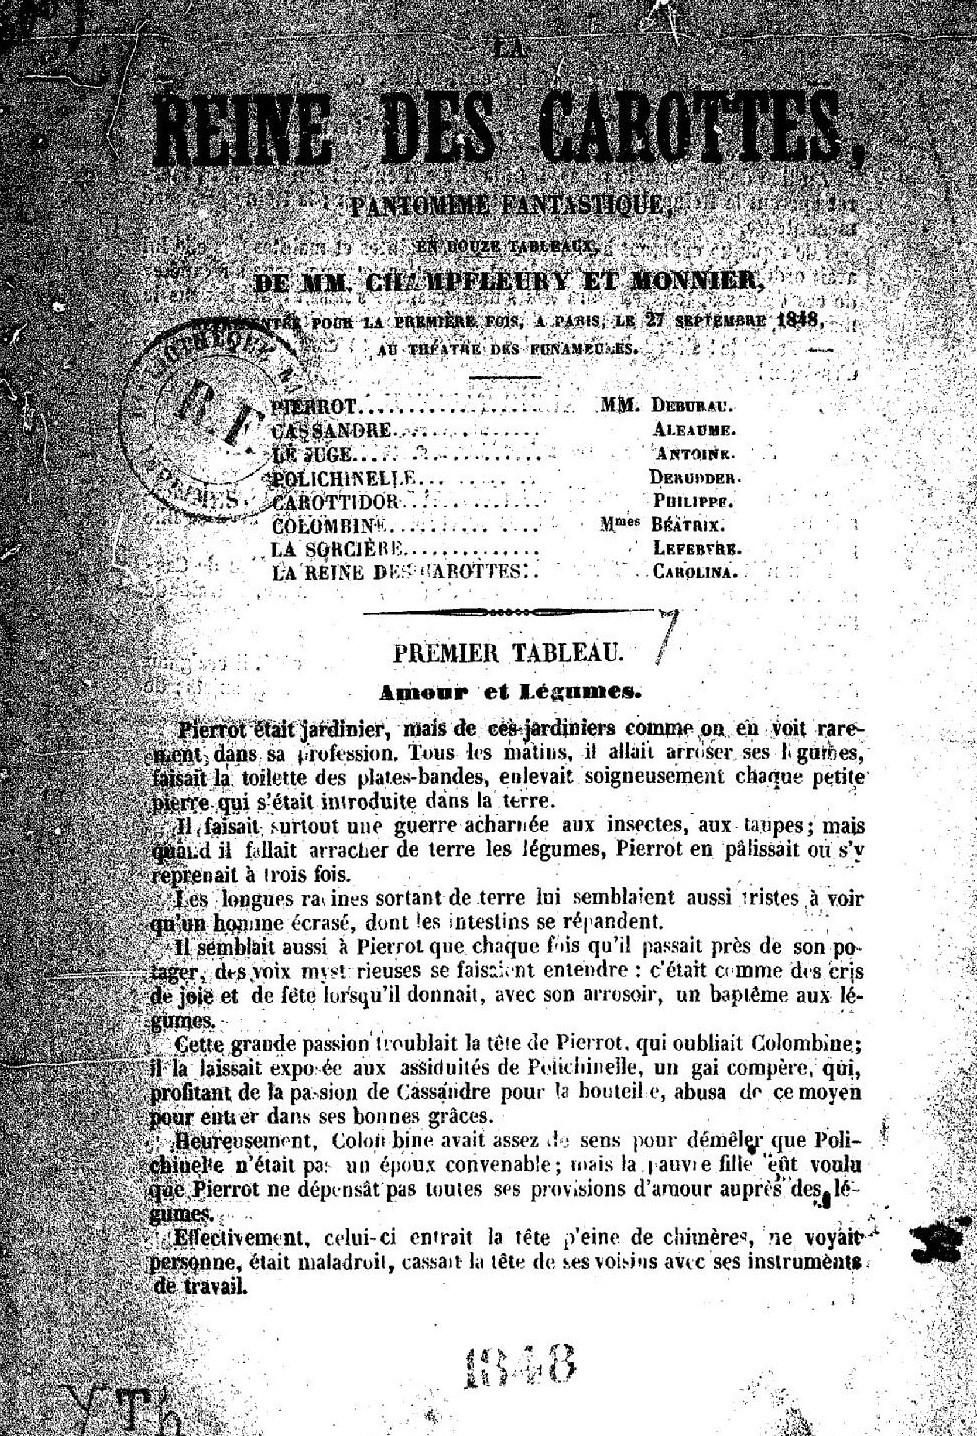 Page de titre de <em>La Reine des carottes</em>, de Champfleury et Albert Monnier. Gallica (BNF).